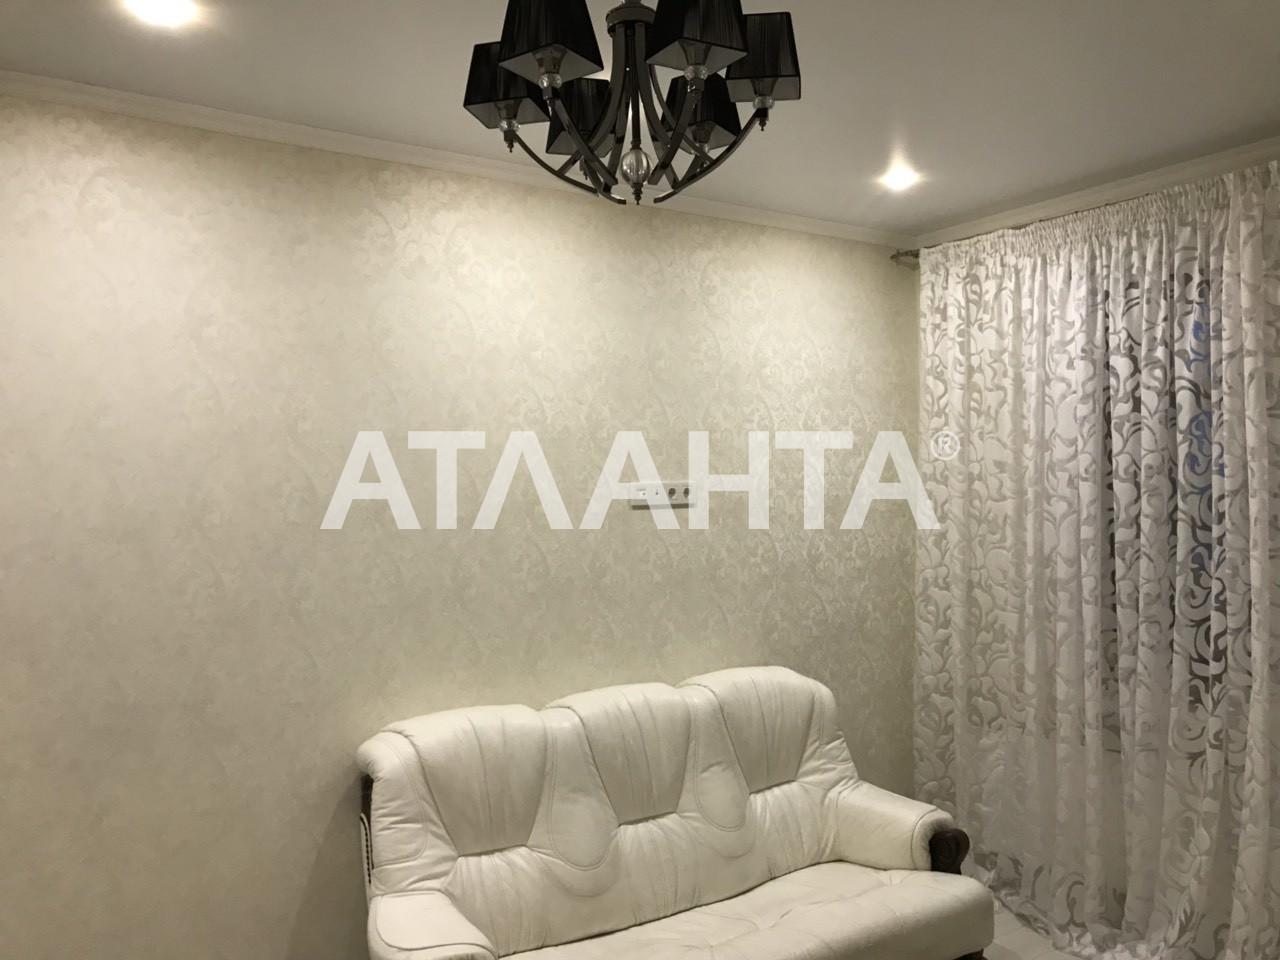 Продается 2-комнатная Квартира на ул. Жемчужная — 55 000 у.е. (фото №7)